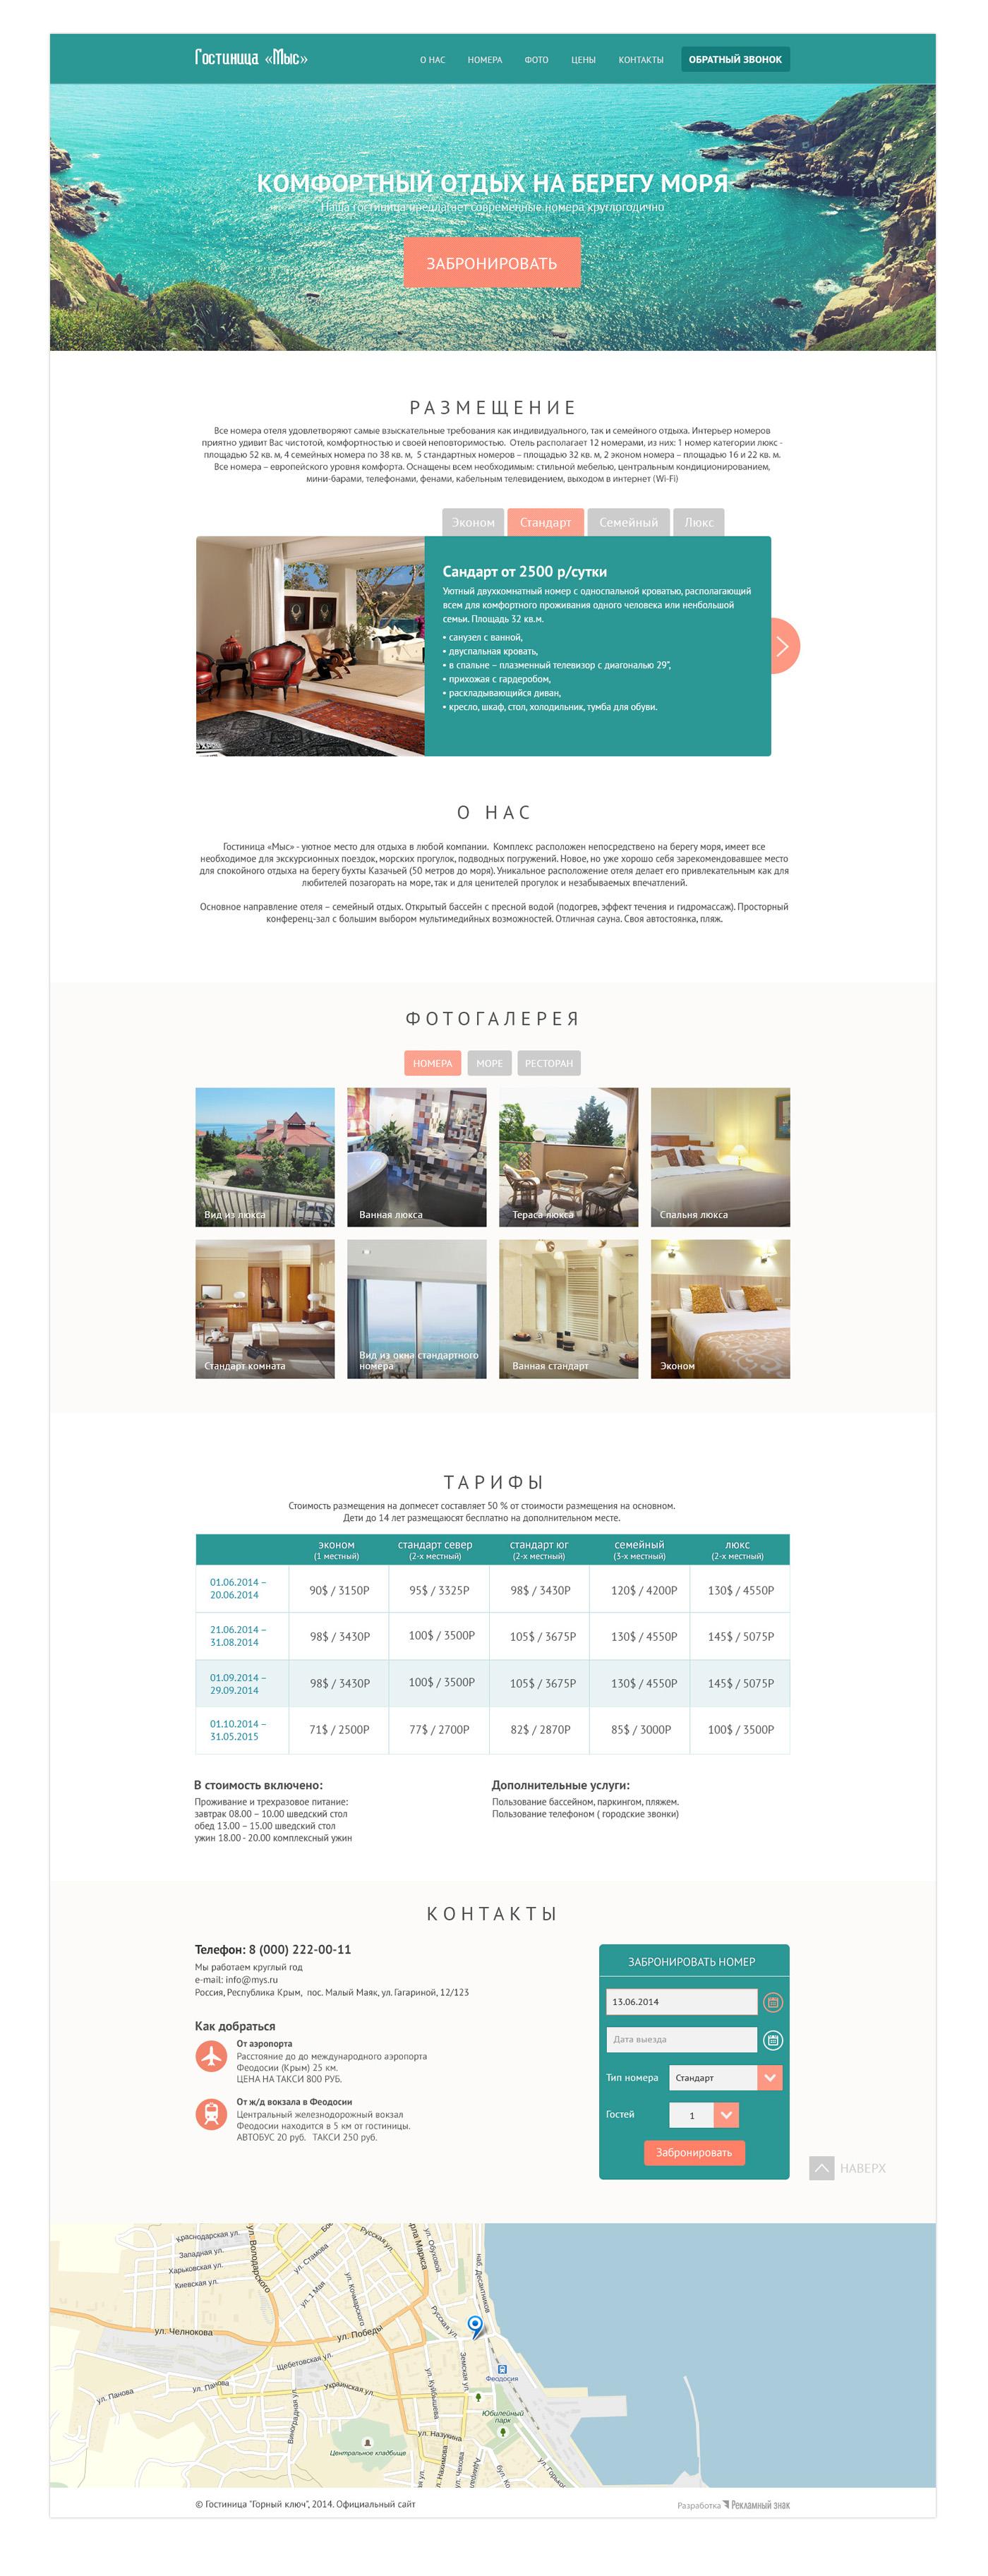 Сайт для небольшого отеля. Универсальное решение